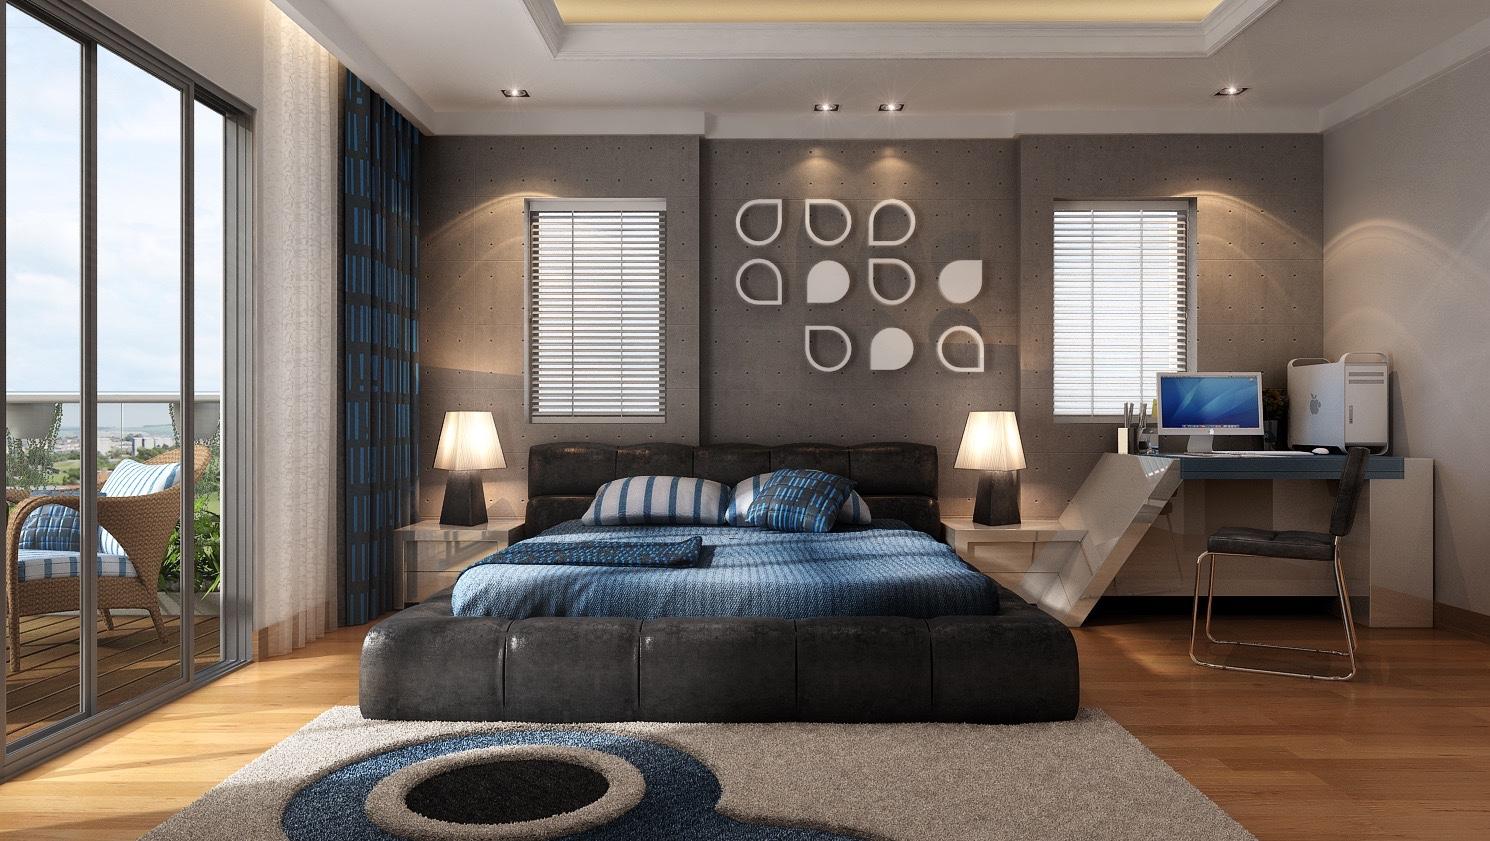 بالصور ورق جدران غرف نوم , تصميمات رائعة لورق الحائط